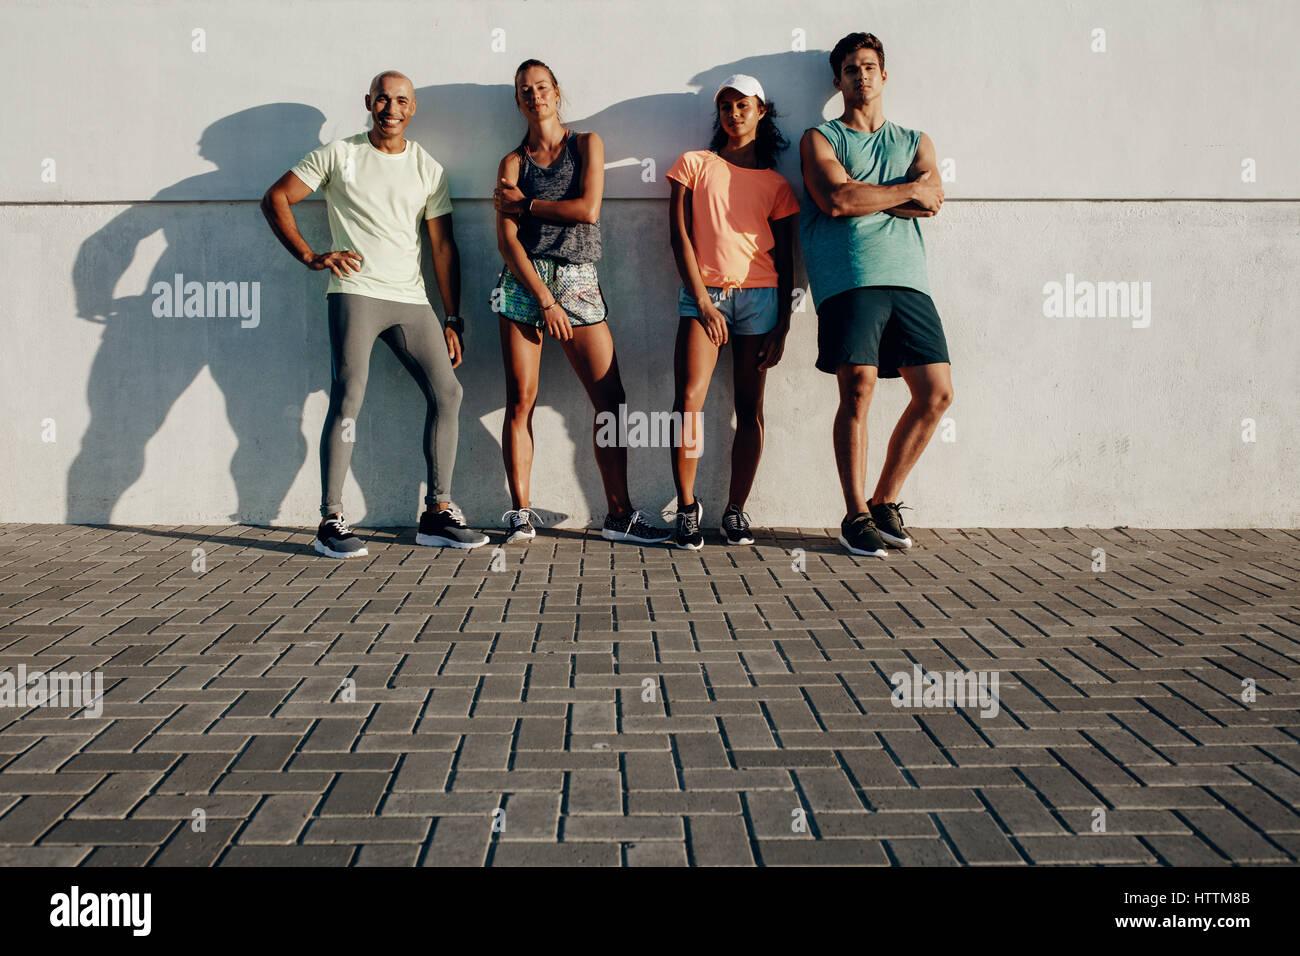 A piena lunghezza shot di giovani amici che pongono insieme. Gruppo di persone fitness in piedi da una parete all'esterno. Immagini Stock